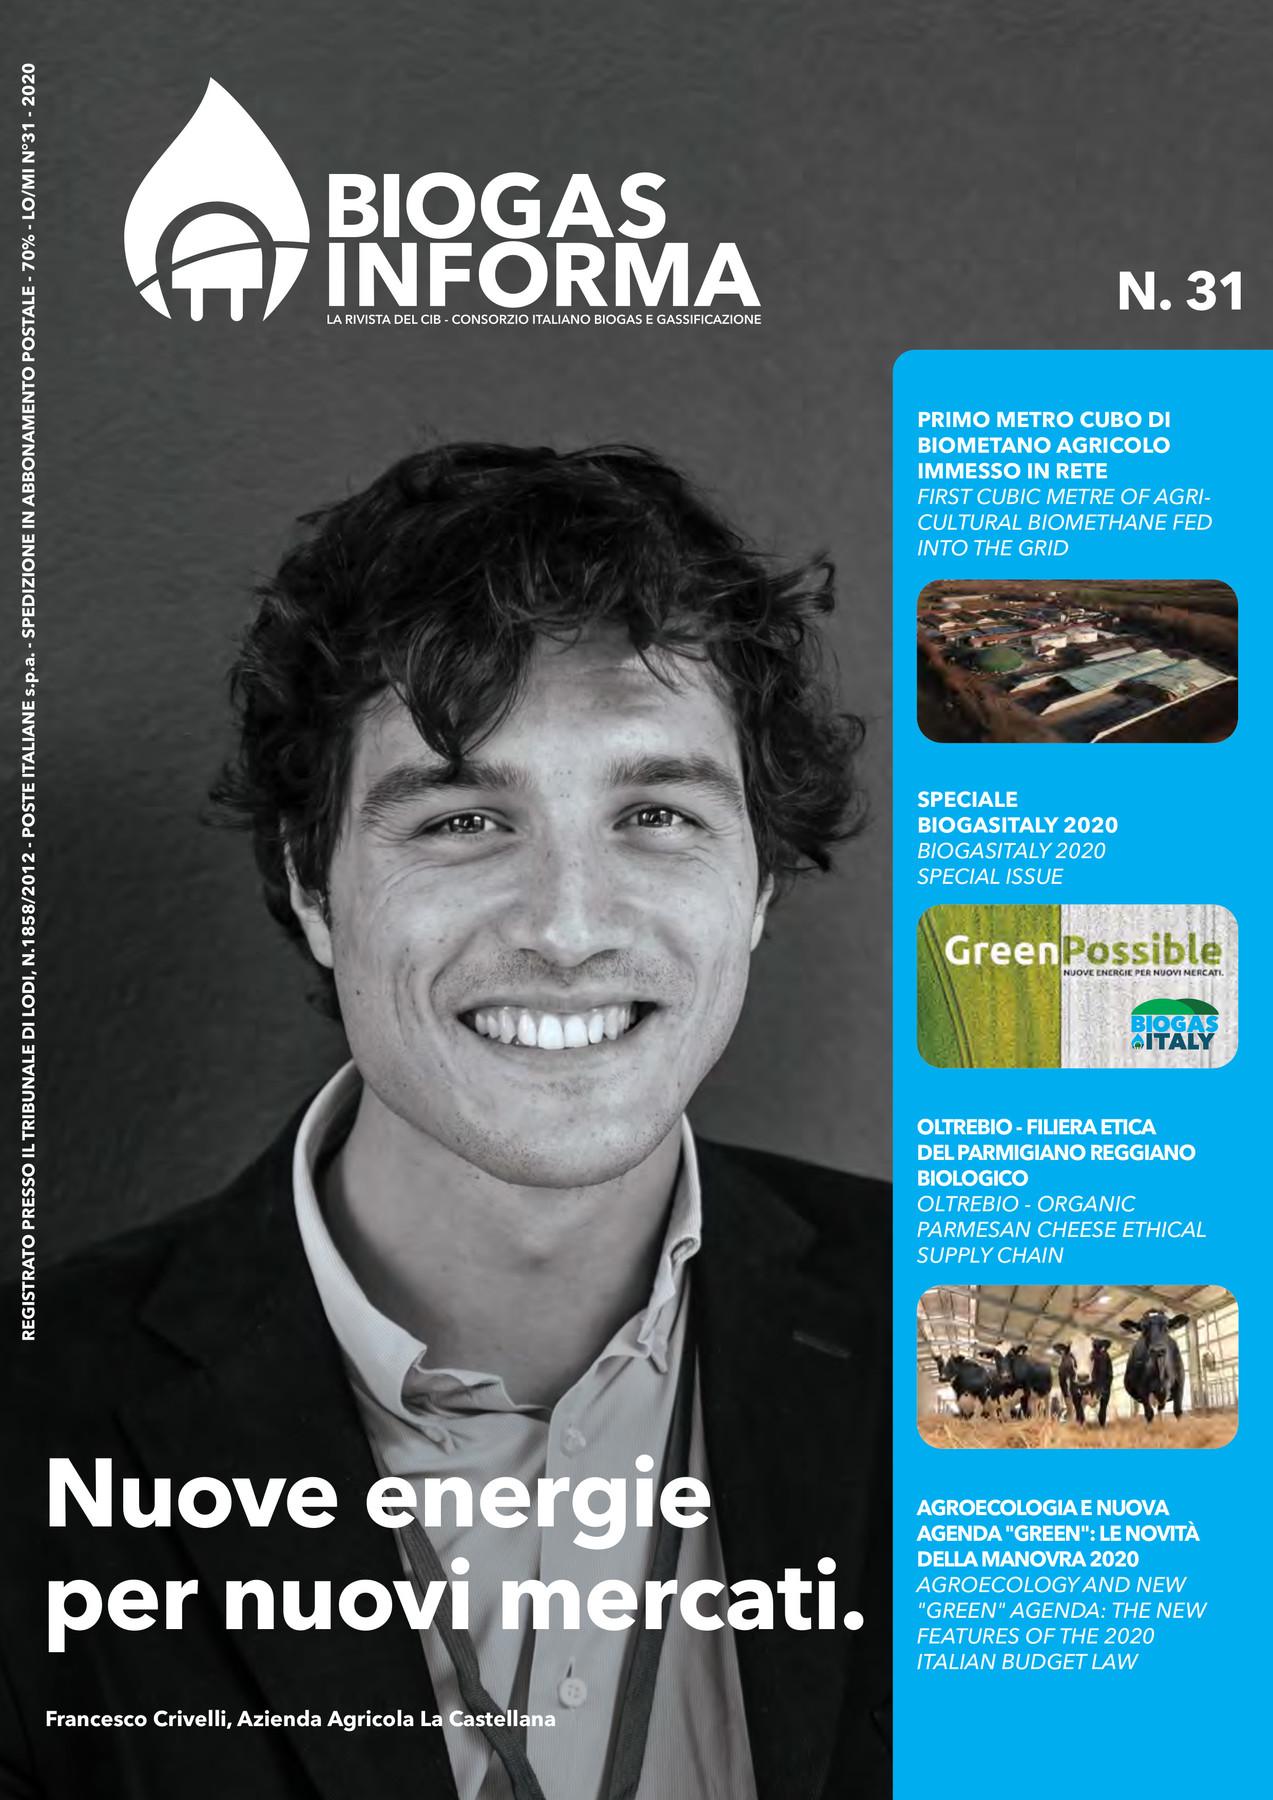 Cover-Biogas Informa-31